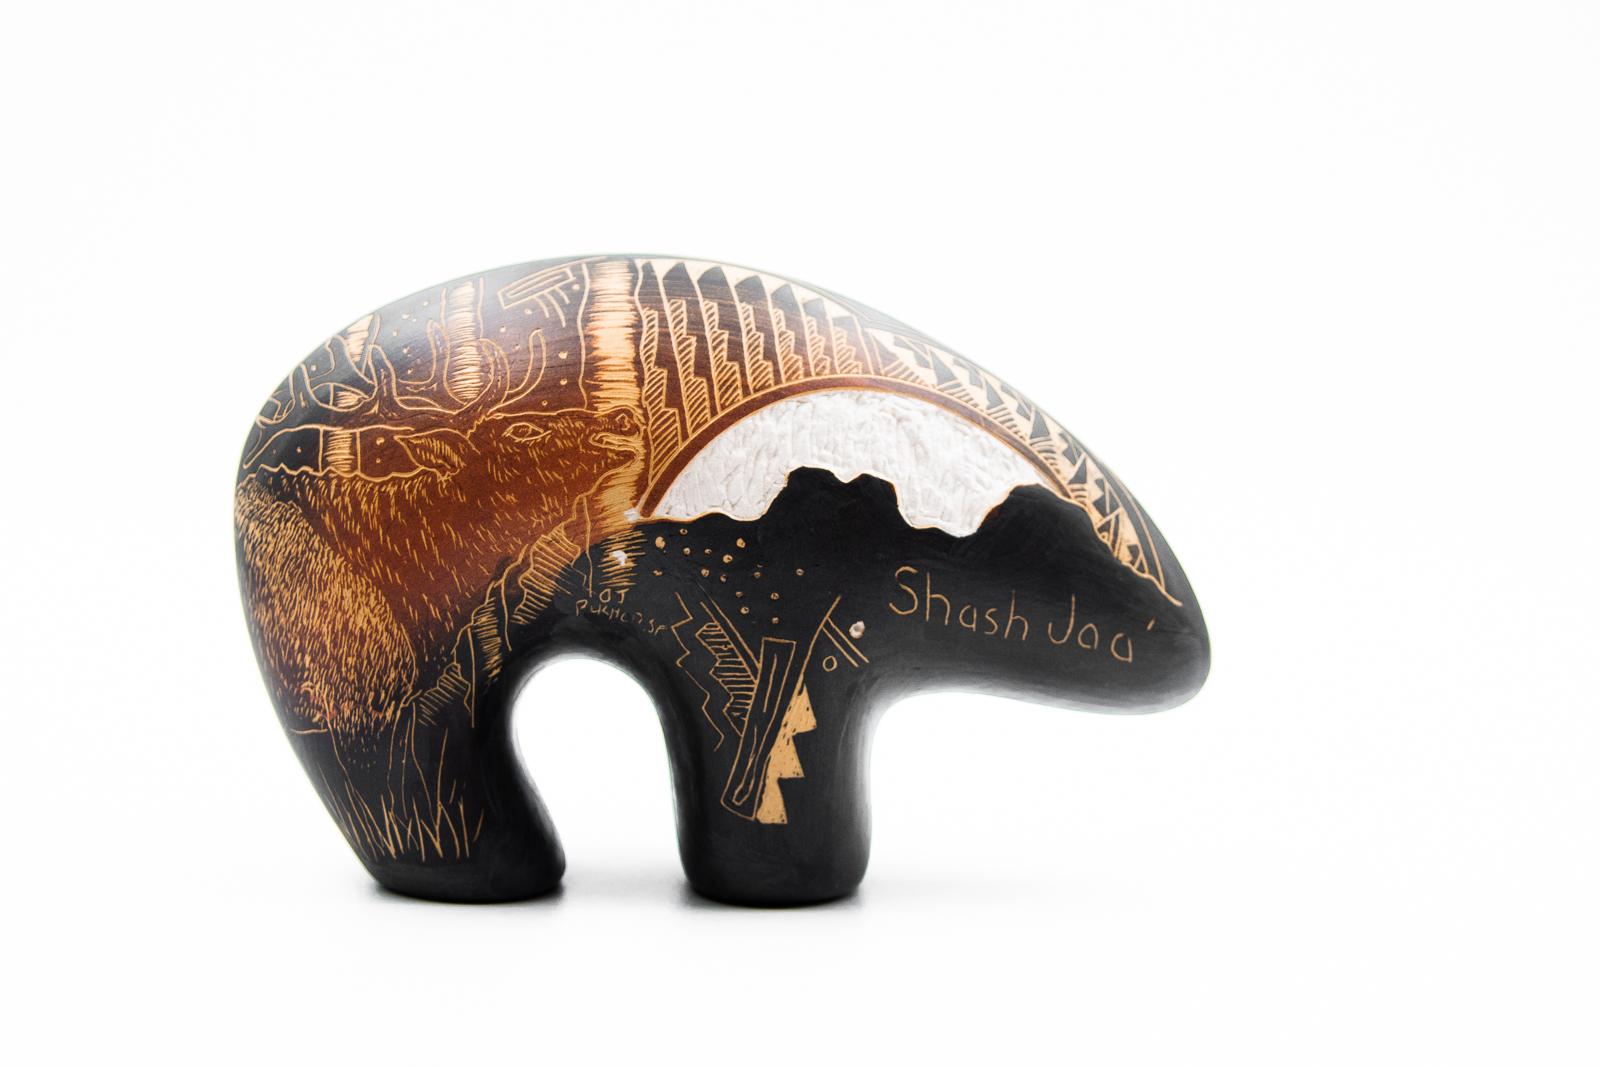 yaks cafe souvenirs the elk bear bears ears national monument shash jaa